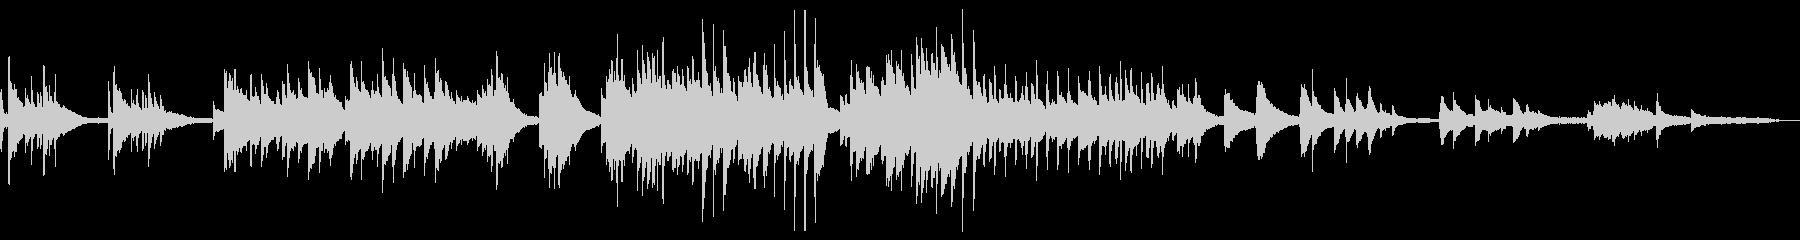 しっとり温かいイメージのピアノバラードの未再生の波形